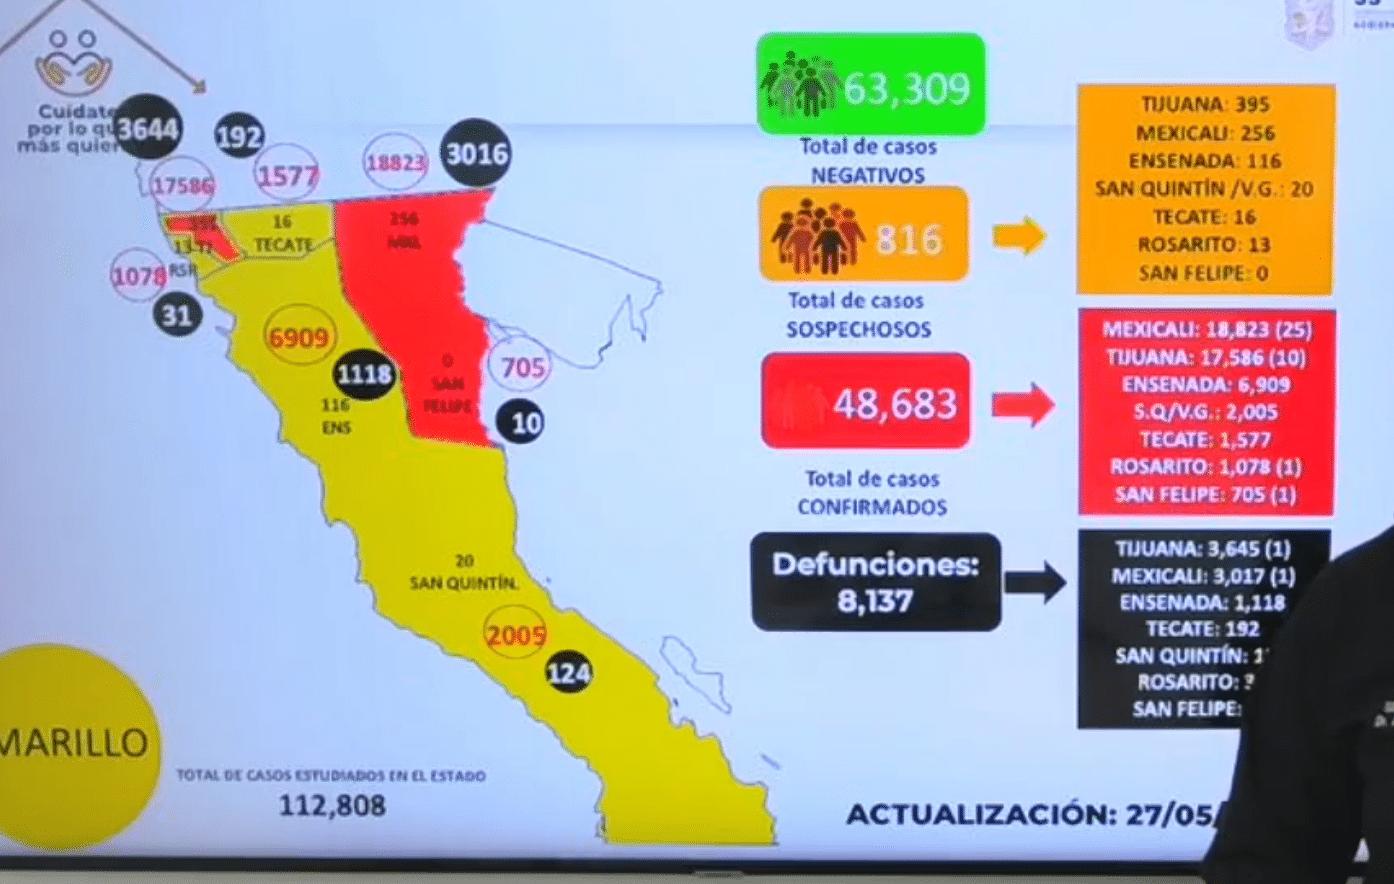 bc-seguira-en-amarillo-a-excepcion-de-mexicali